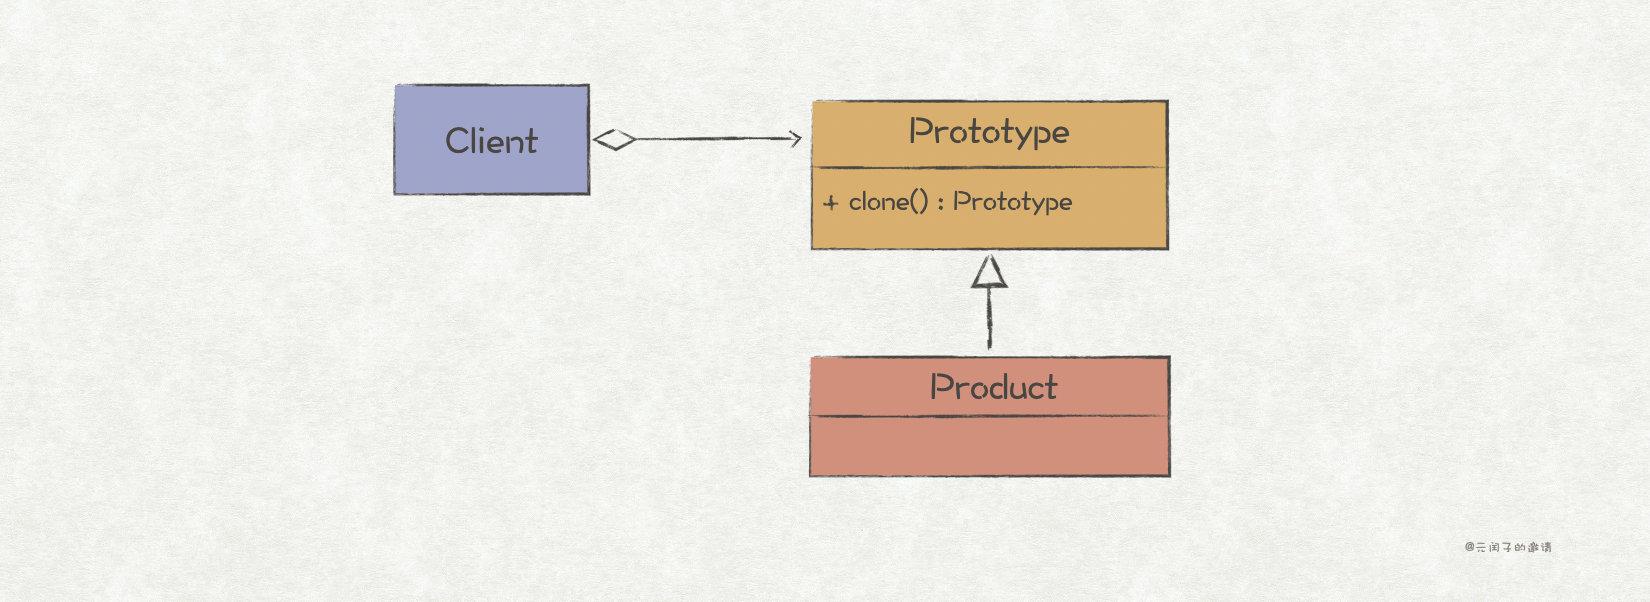 原型模式结构